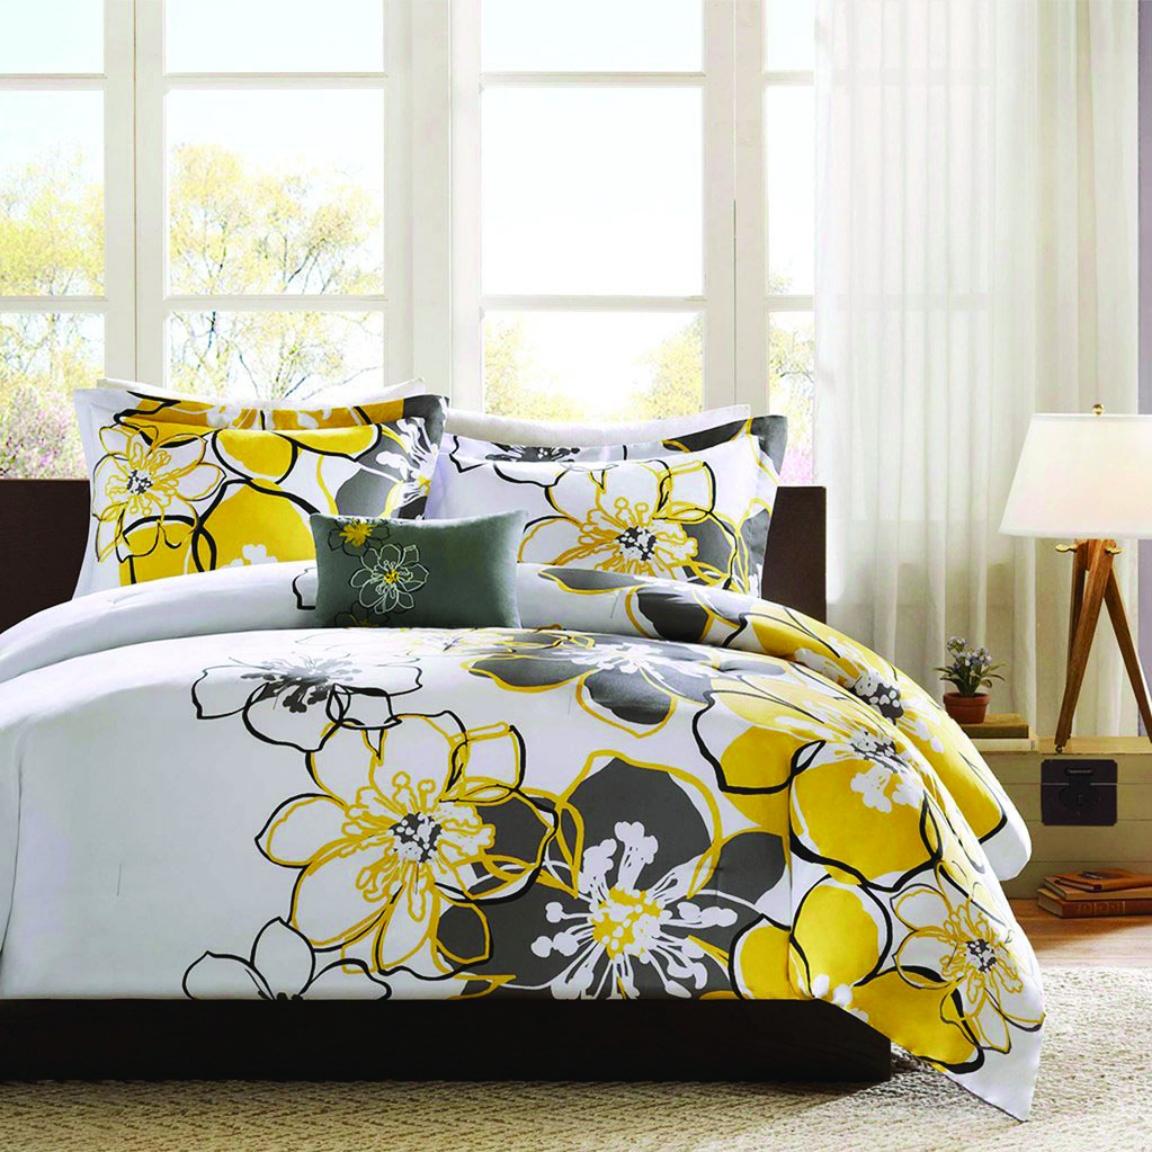 ALLISON comforter  FULL/QUEEN  4 pcs set yellow/grey